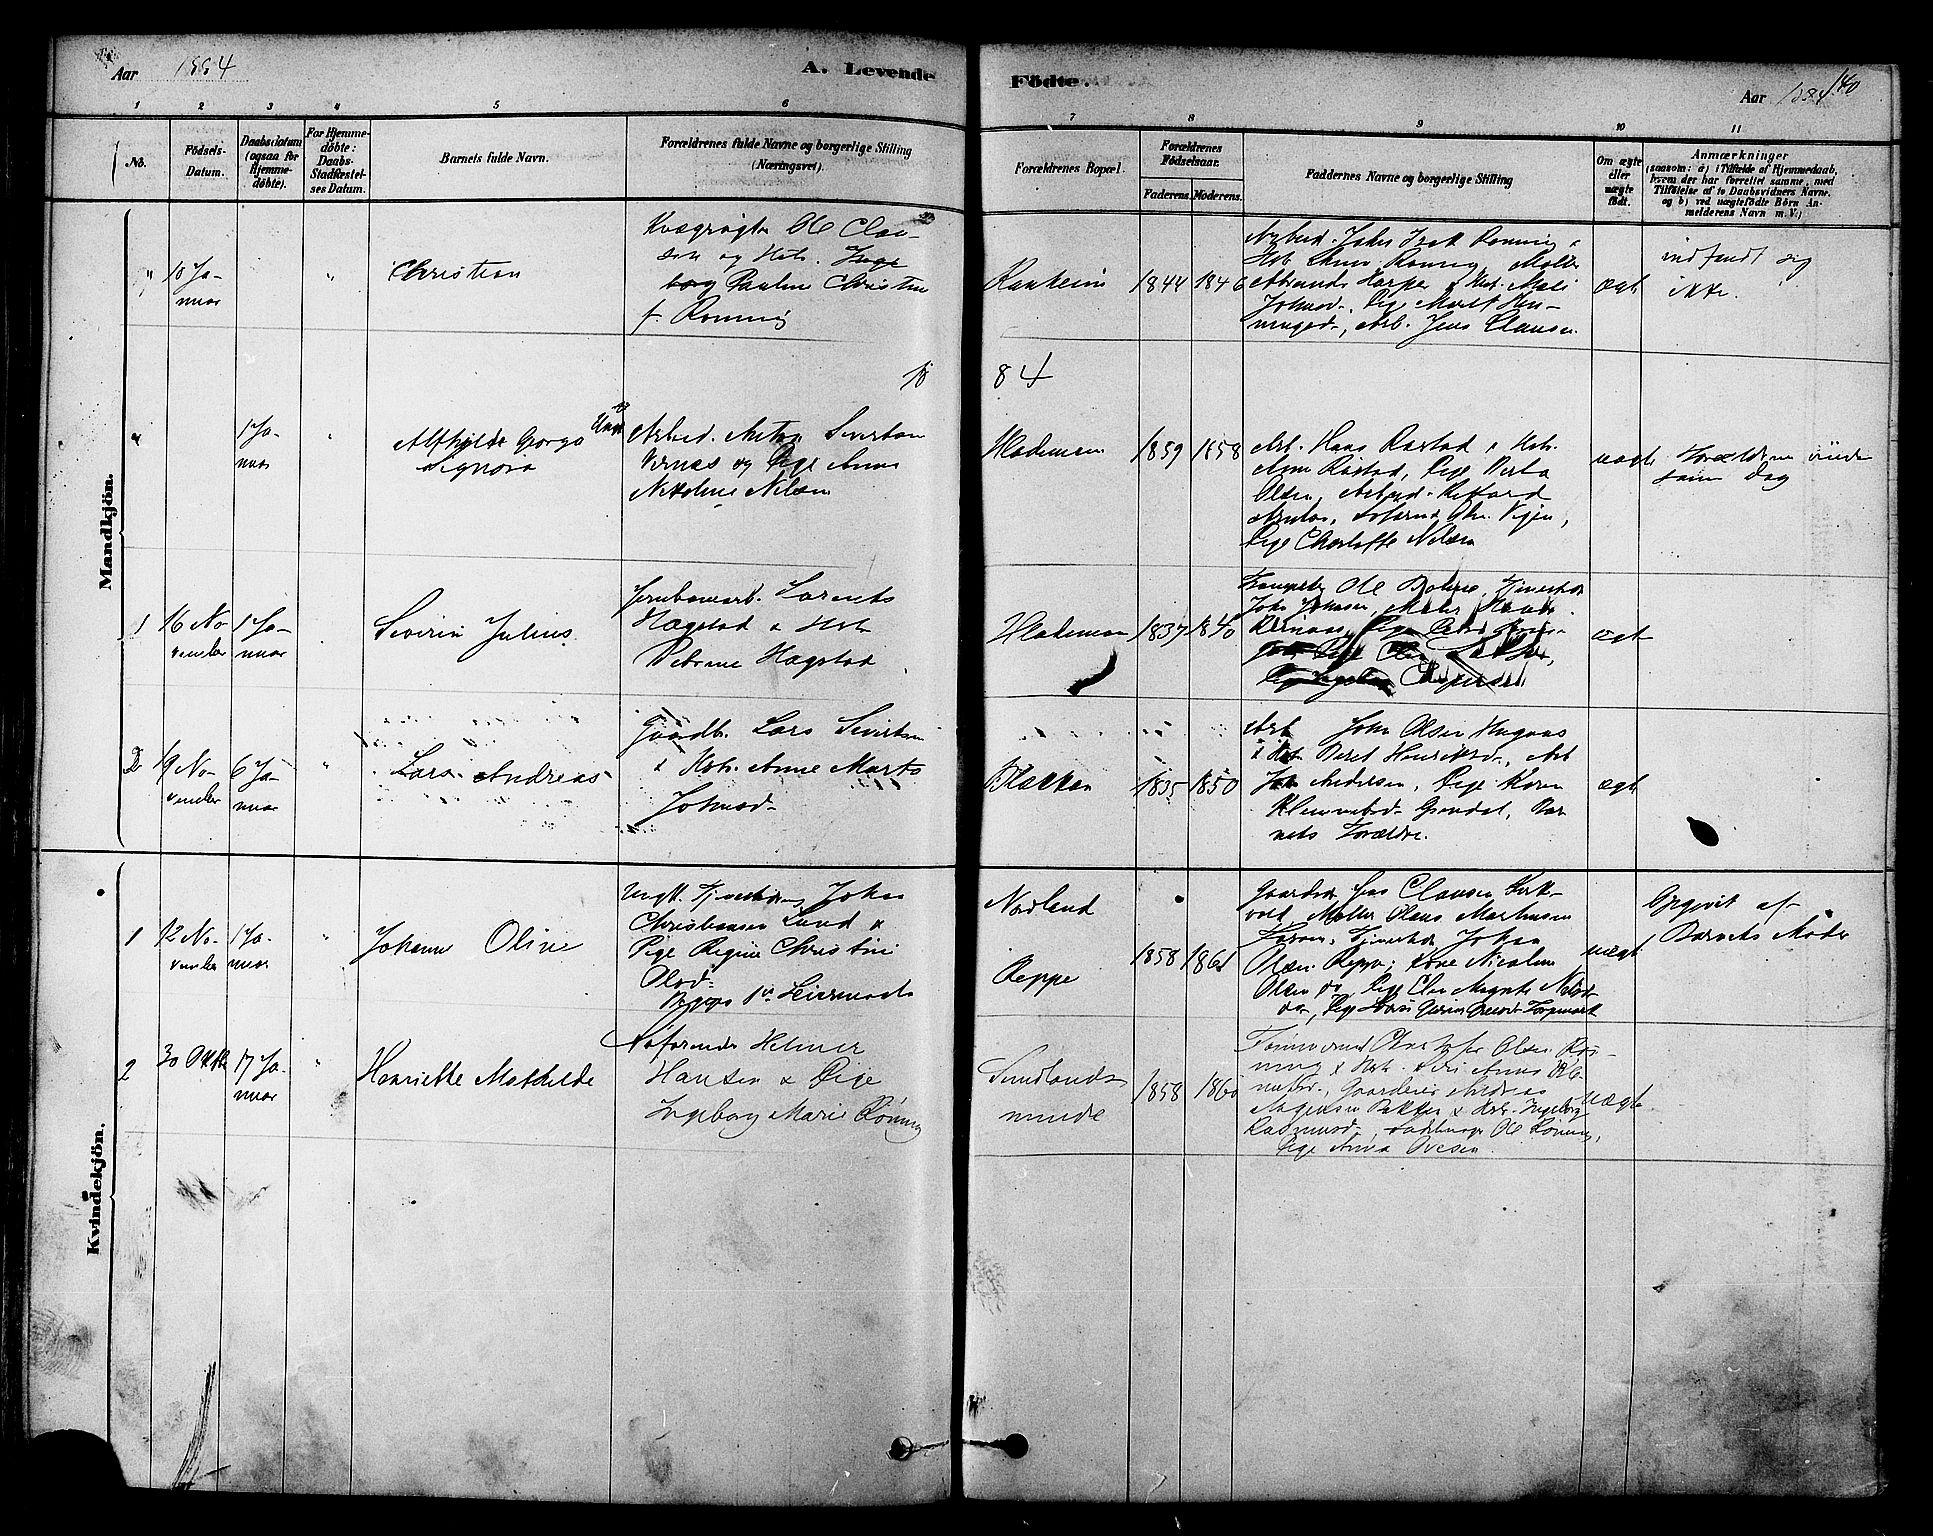 SAT, Ministerialprotokoller, klokkerbøker og fødselsregistre - Sør-Trøndelag, 606/L0294: Ministerialbok nr. 606A09, 1878-1886, s. 140